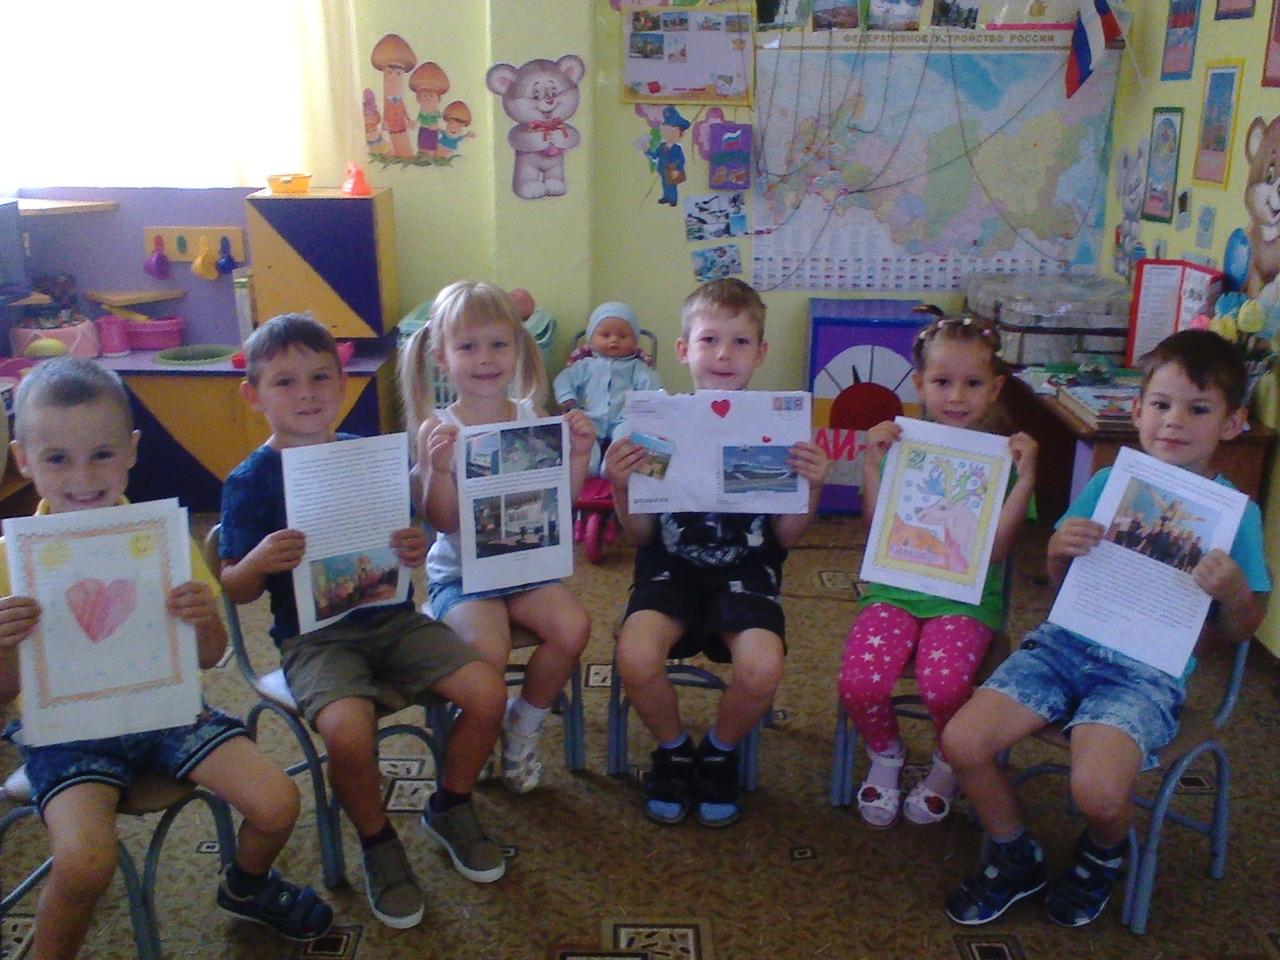 Дошкольники из Петровска участвуют в проекте по обмену письмами и открытками